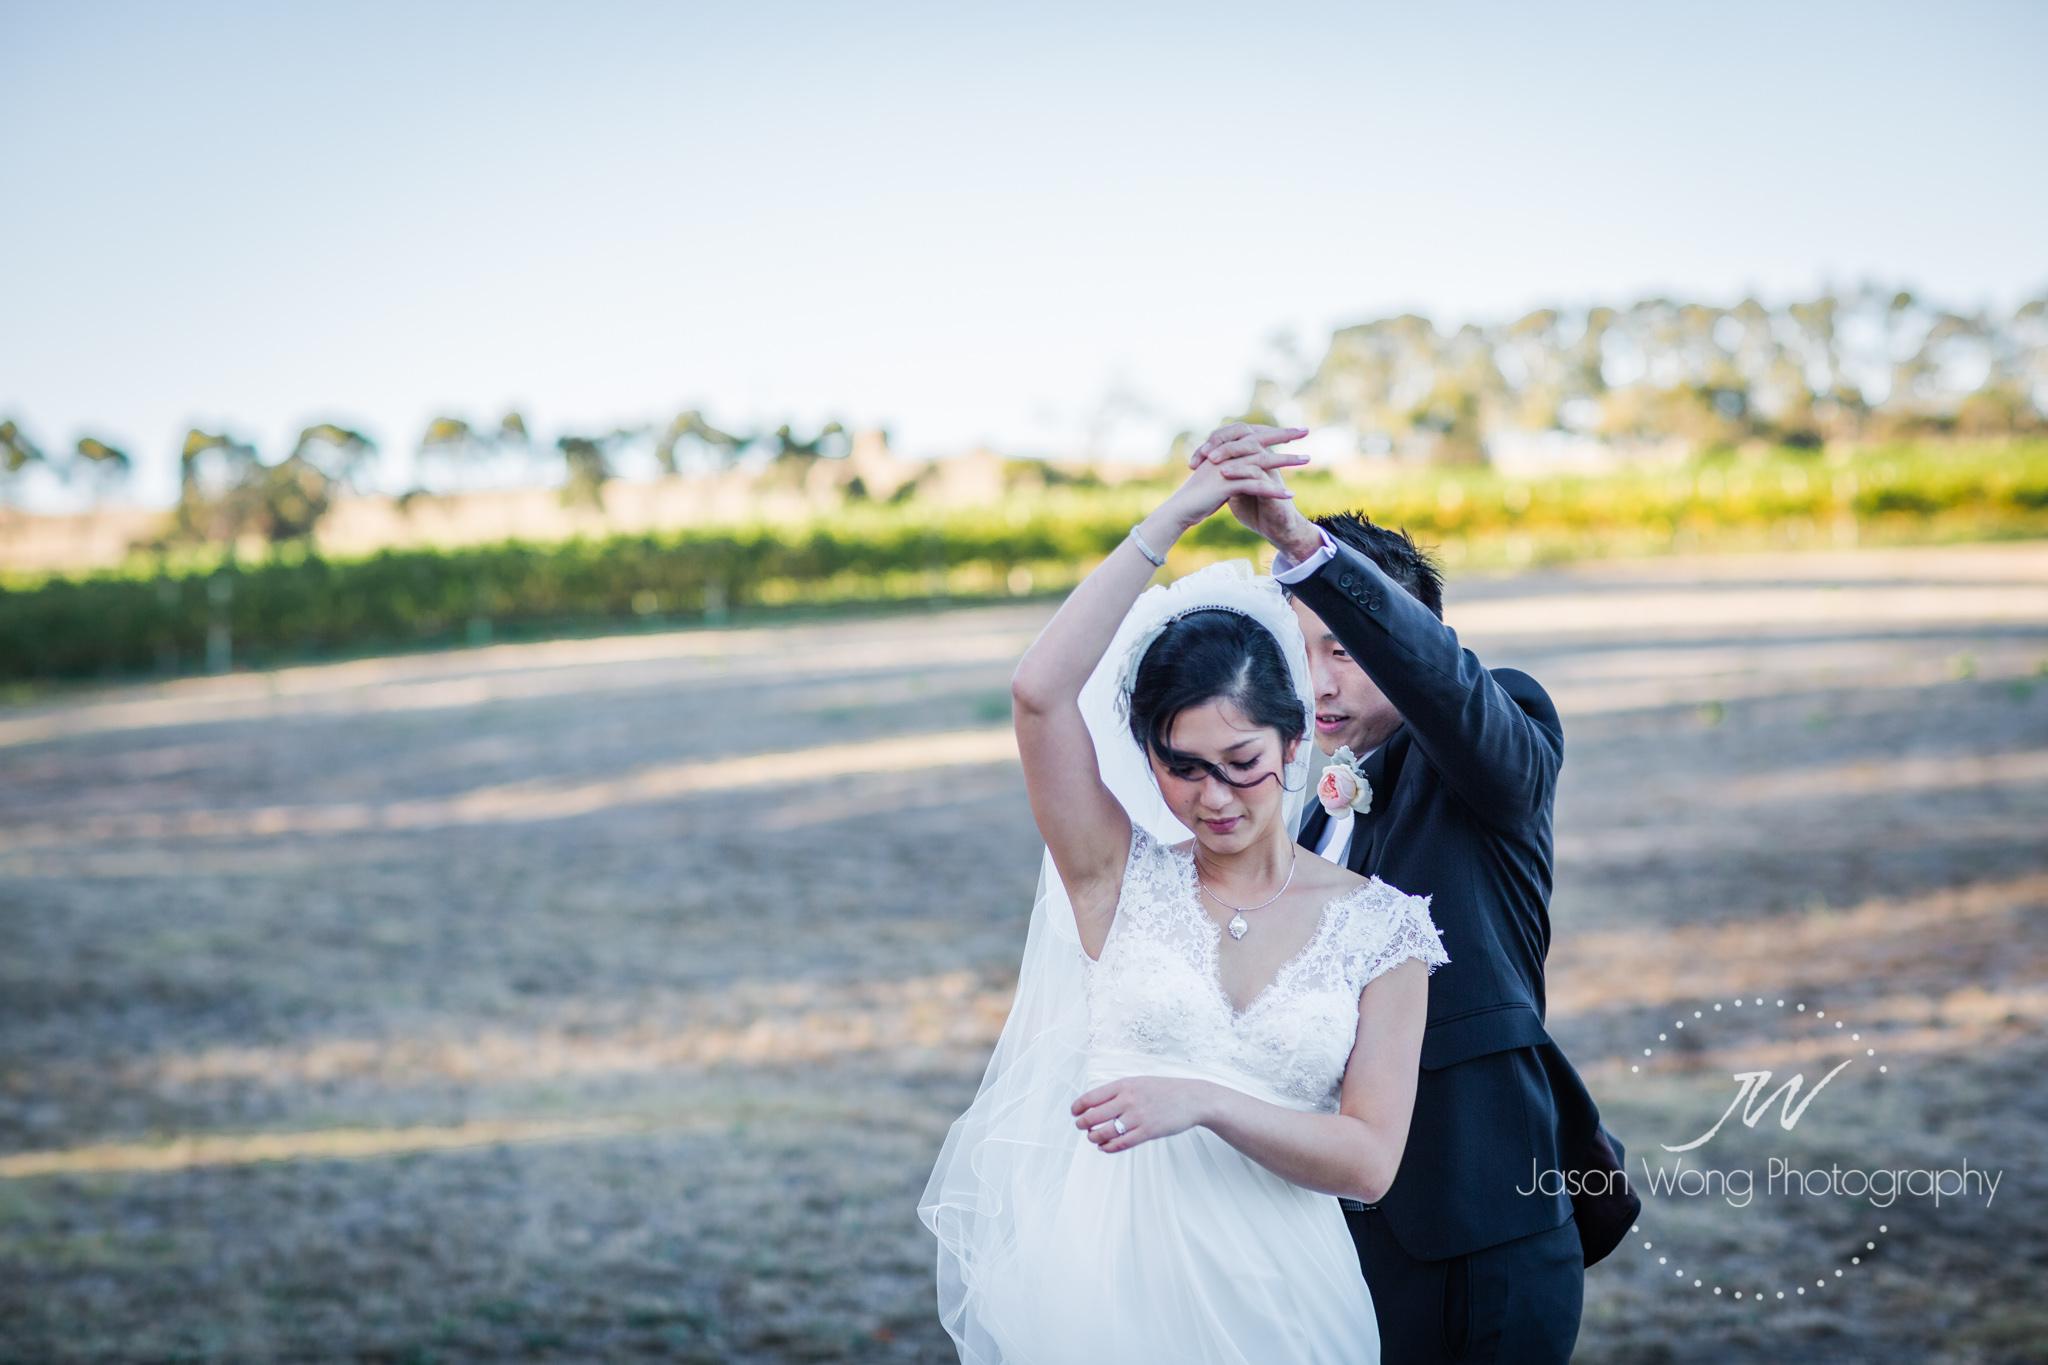 a-dance-by-bride-and-groom-in-vineyard.jpg